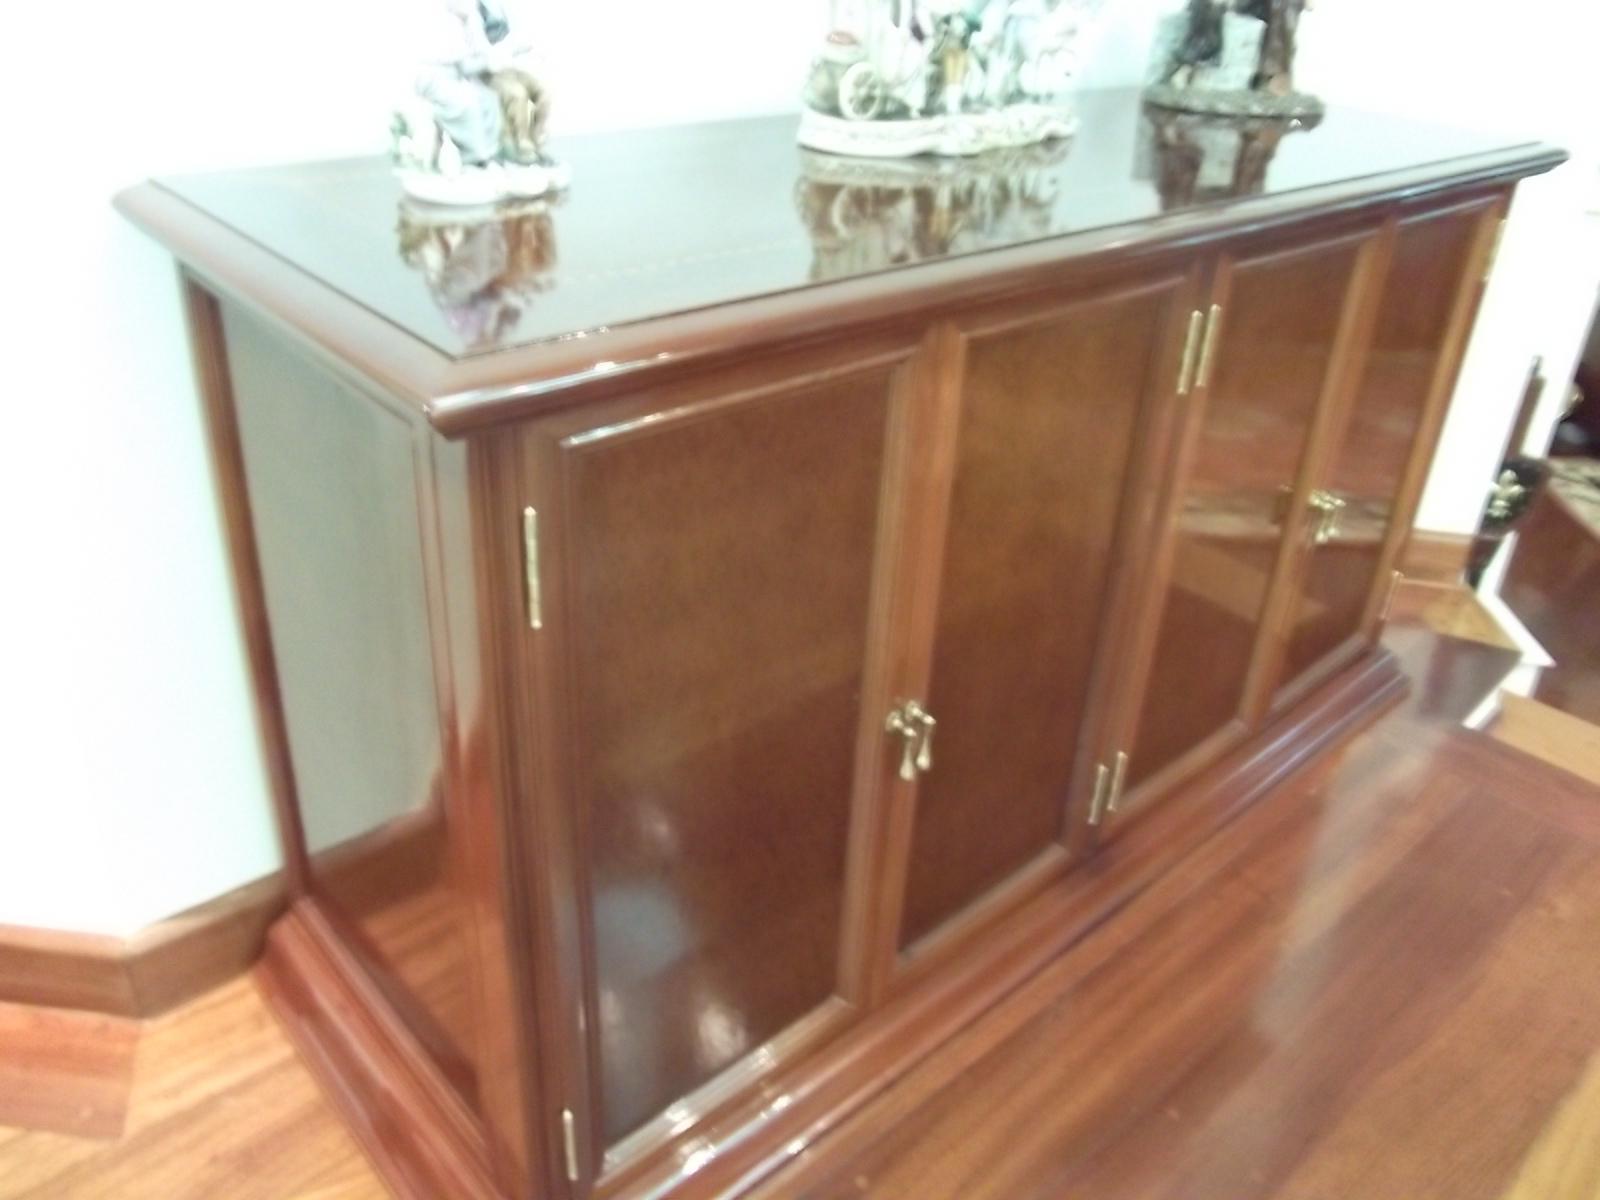 Cadeira e Mesa: Arte Design Mobiliario #996932 1600x1200